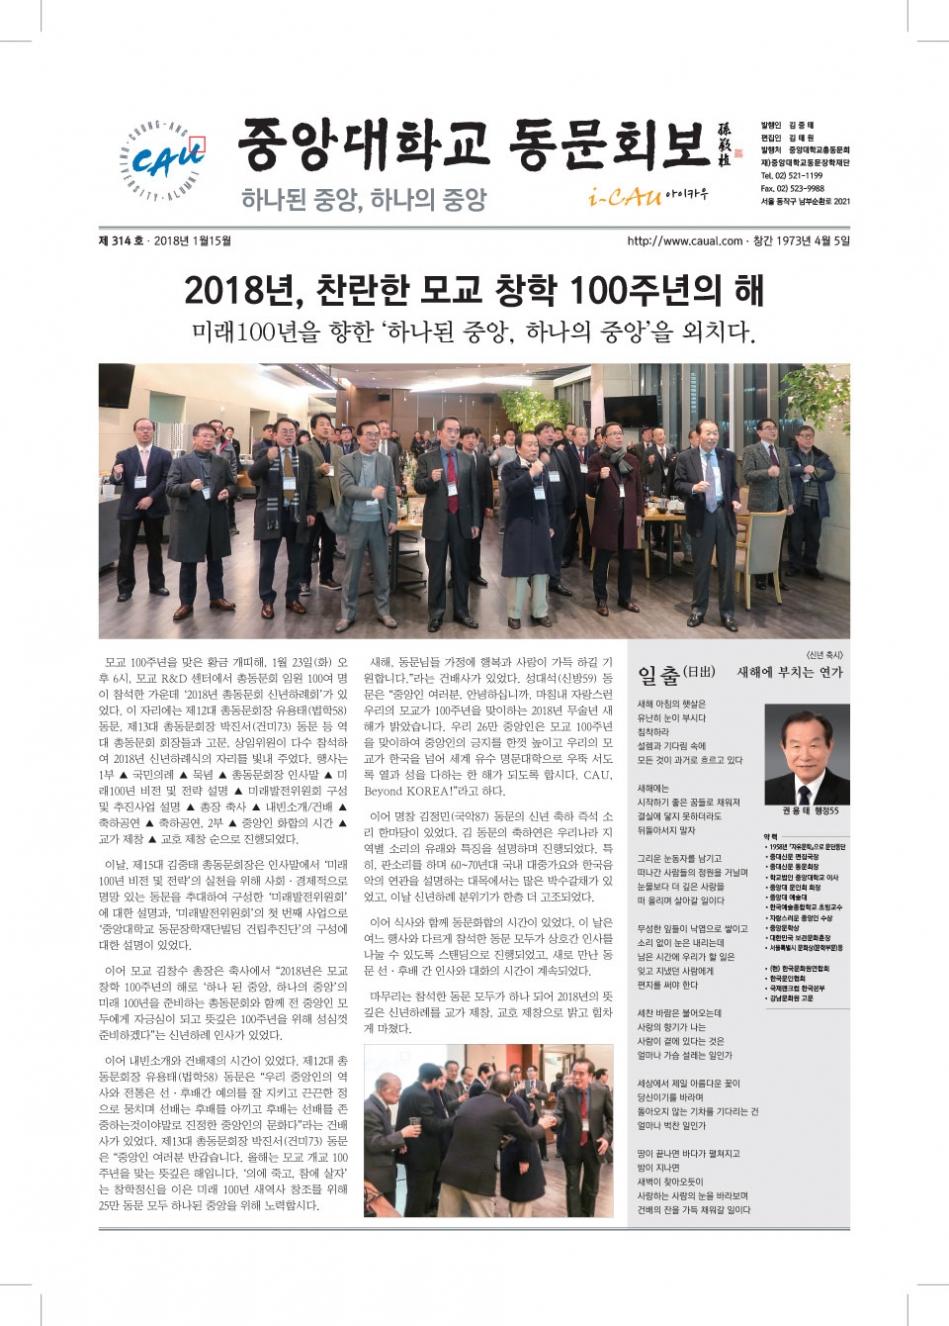 중총신문-18-2-15-최종00-OL인쇄다시-(1)-1.jpg